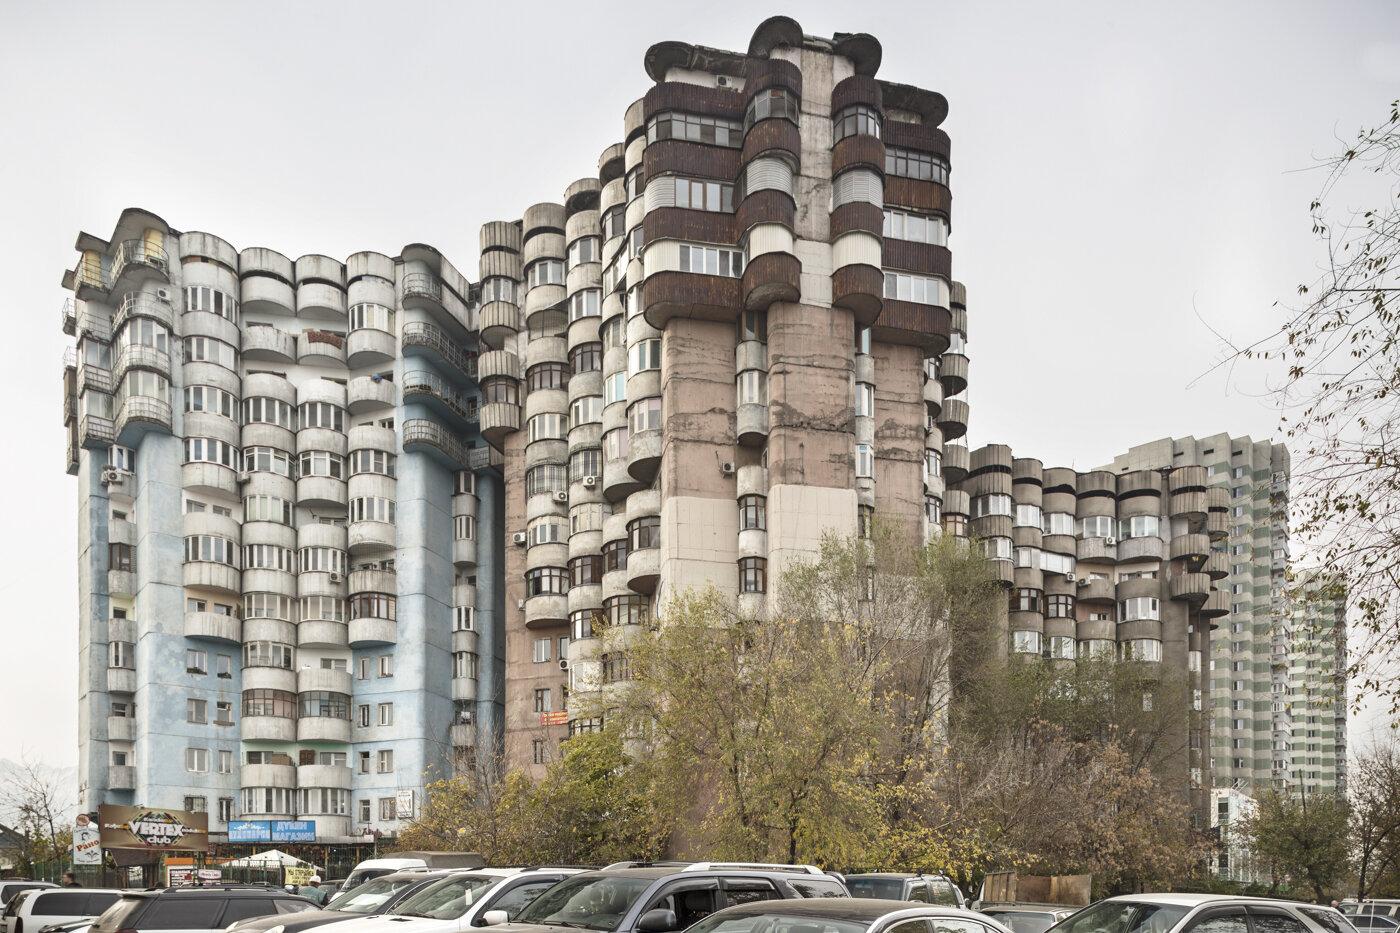 Aul housing complex, by B. Voronin, L. Andreyeva, Y. Ratushny, V. Lepeshov and V. Vi (1986). Almaty, Kazakhstan. Photo: Roberto Conte.